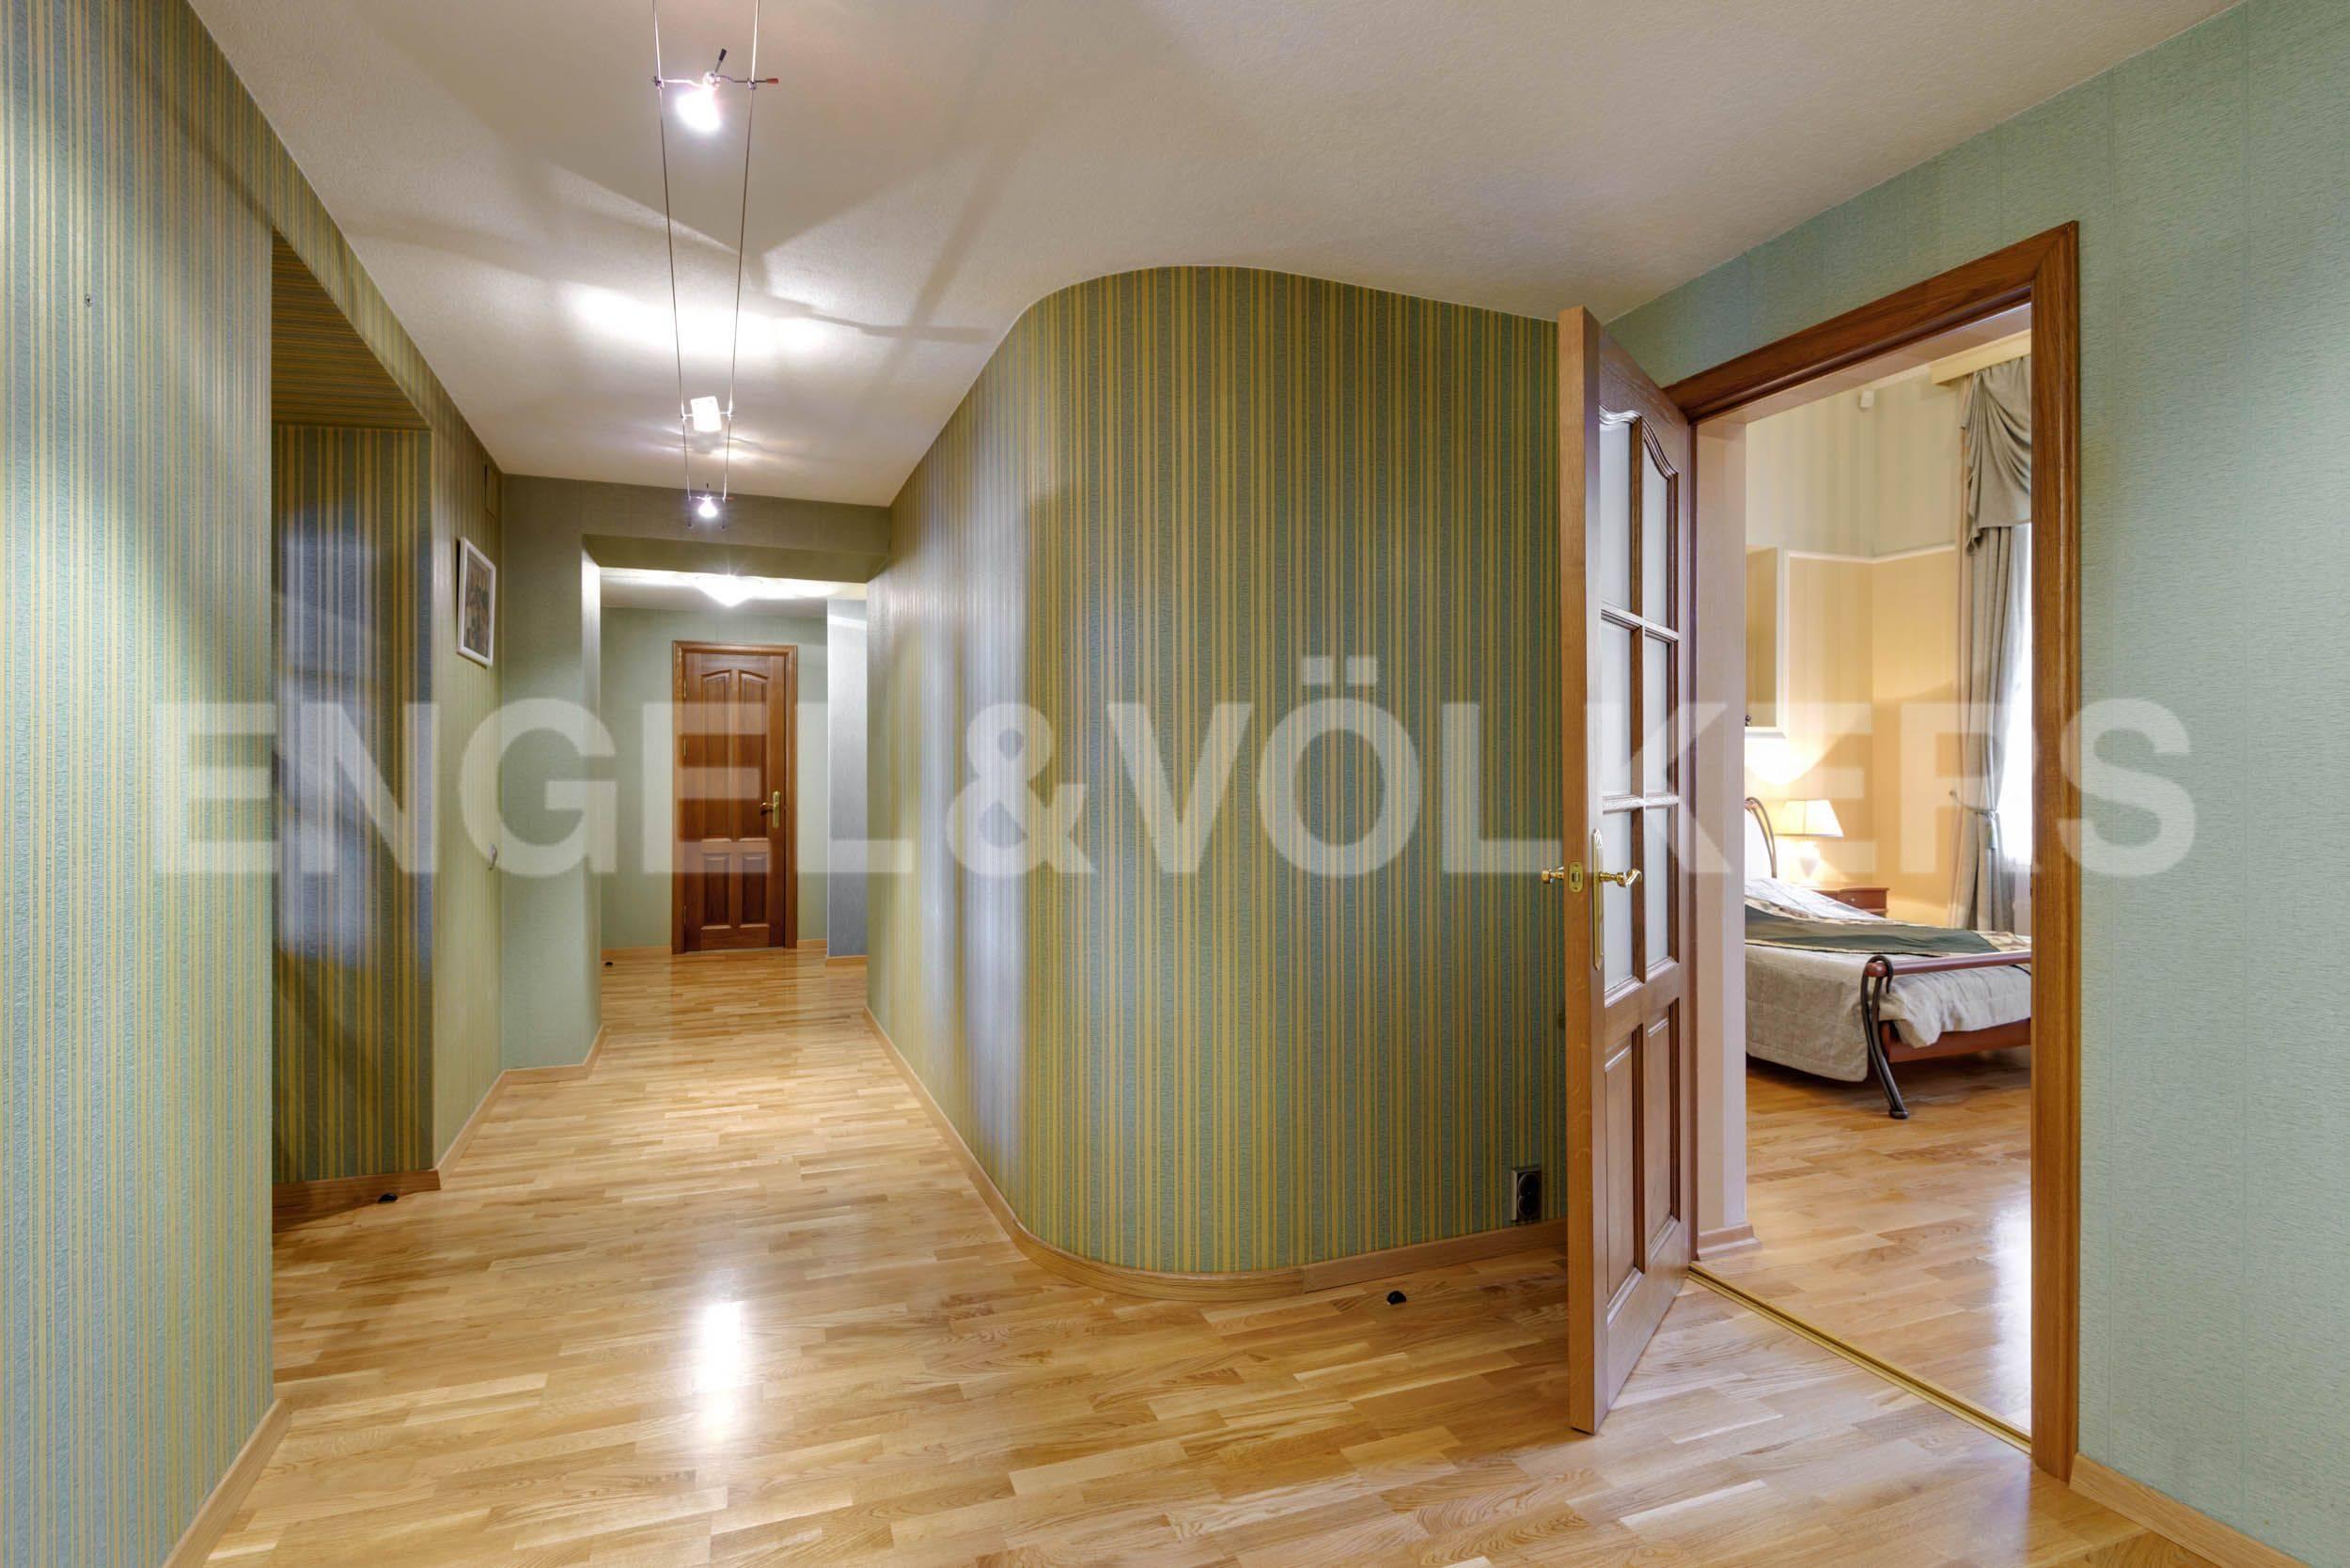 Элитные квартиры в Центральный р-н. Санкт-Петербург, Марсово поле, 3. Холл-прихожая